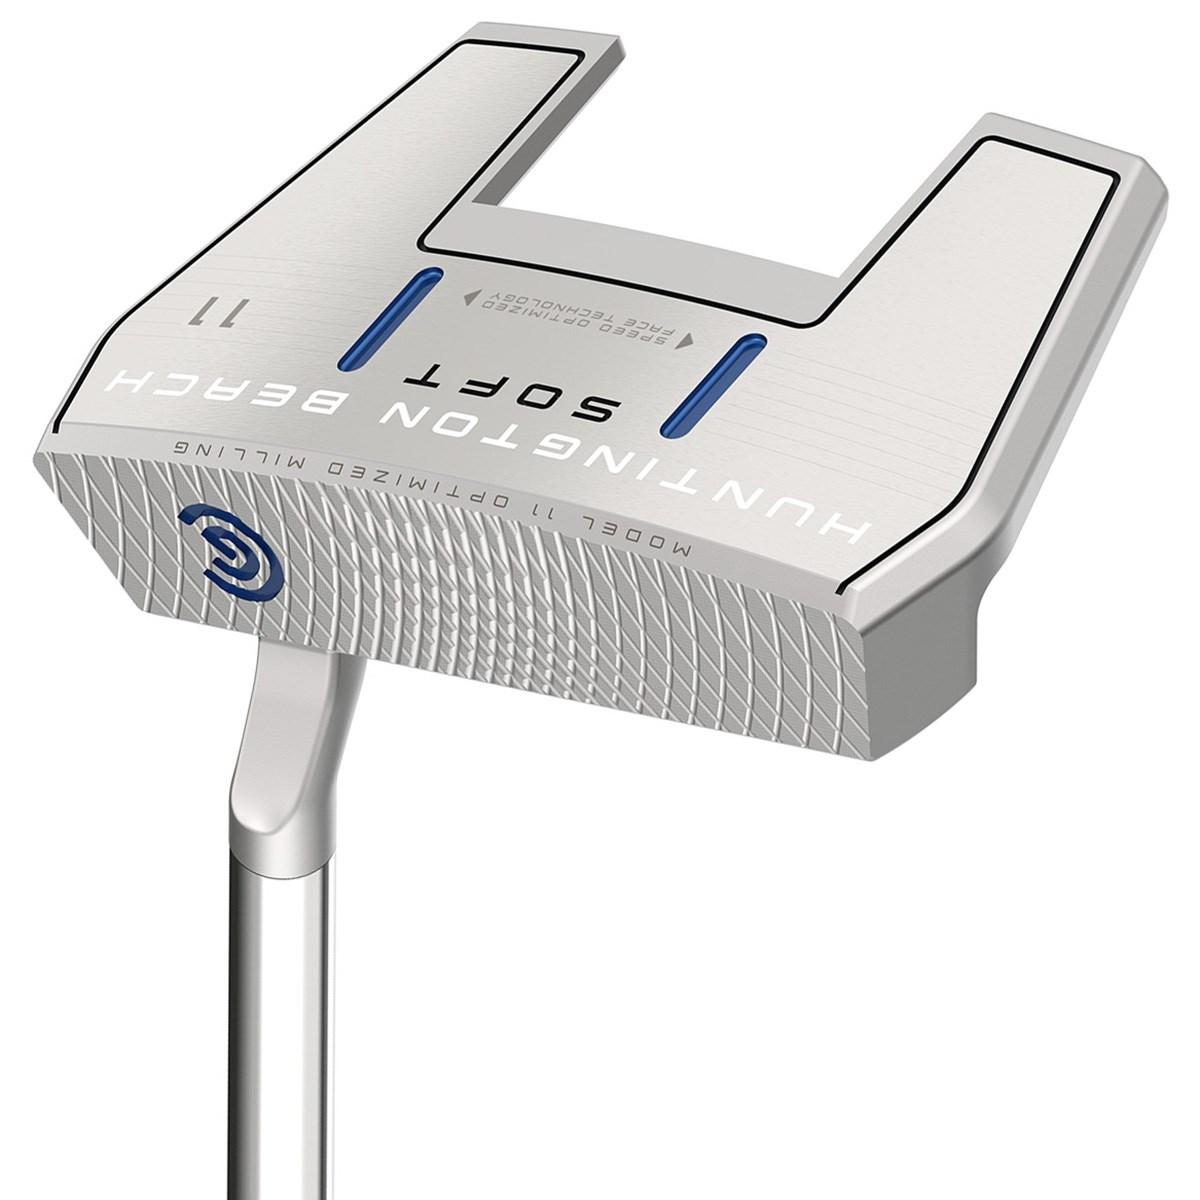 クリーブランド(Cleveland Golf) ハンティントン ビーチ SOFT 11 パター